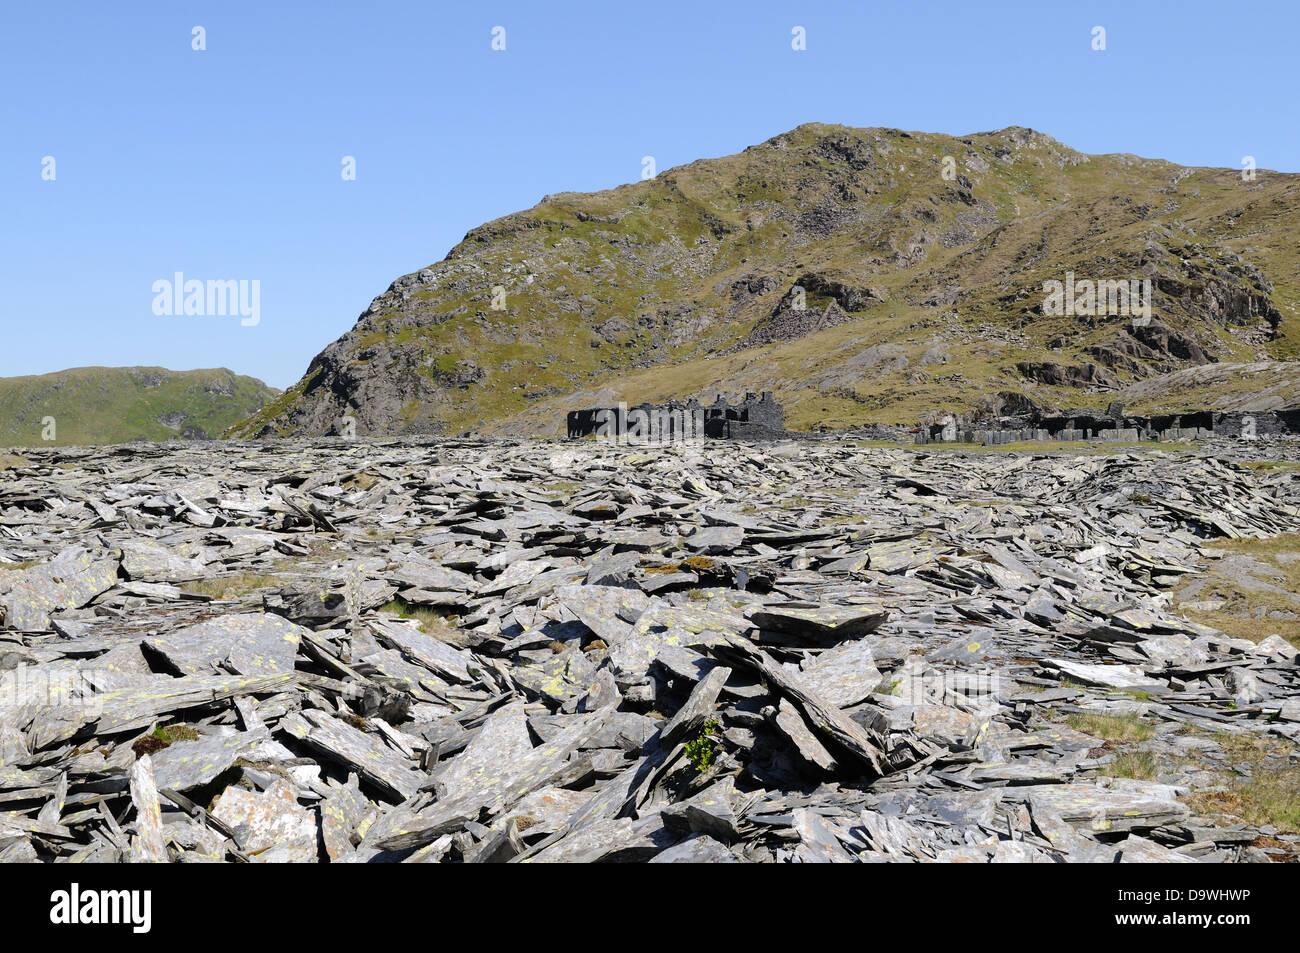 Schiefer verwöhnen Heap und Ruinen der stillgelegten Rhosydd Slate Mine Gwynedd Wales Cymru UK GB Stockbild